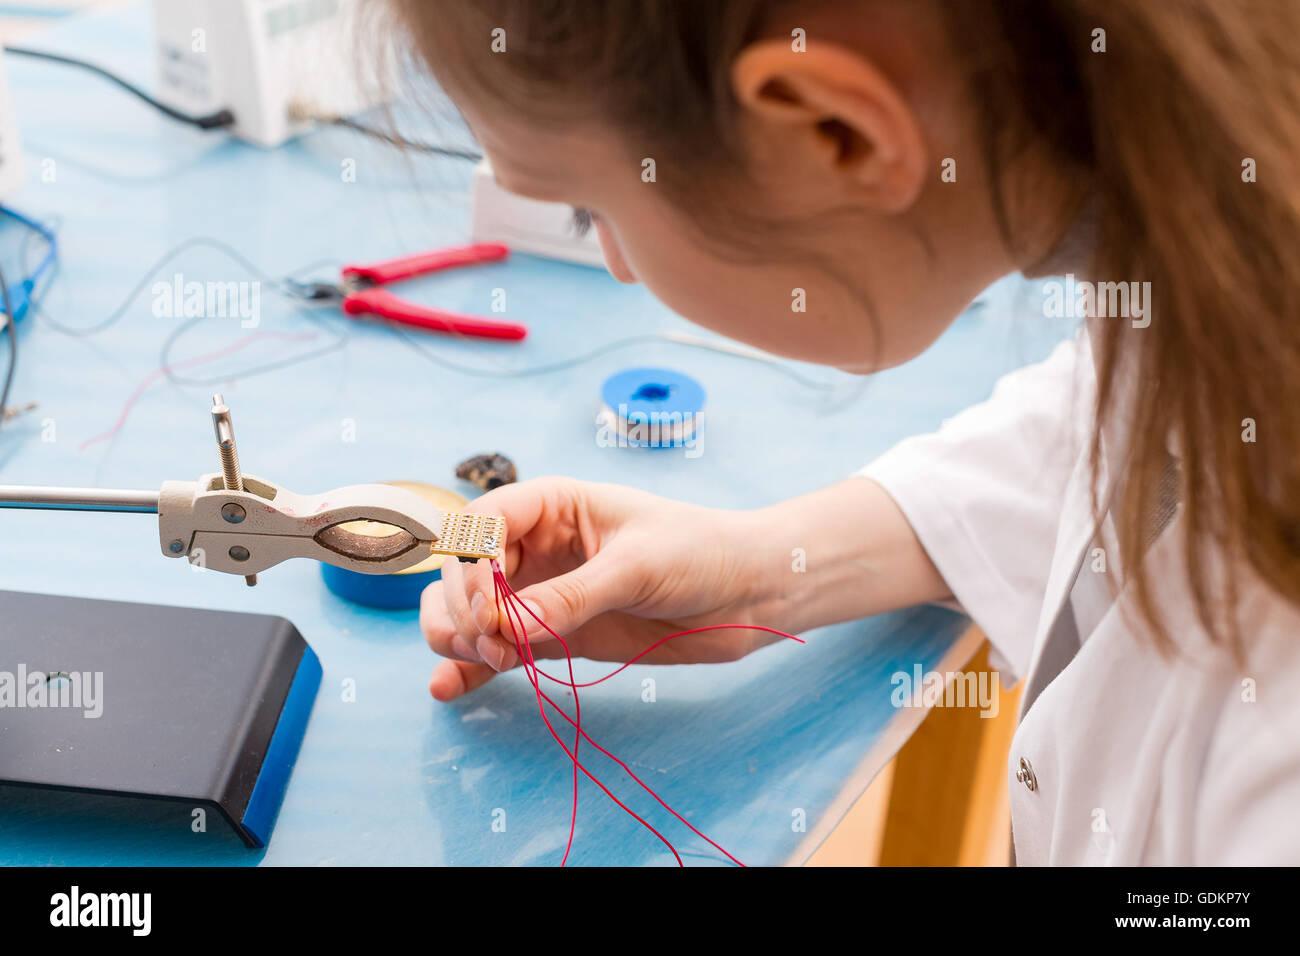 Jeune femme assembler le capteur optique pour le meilleur système de robot Photo Stock